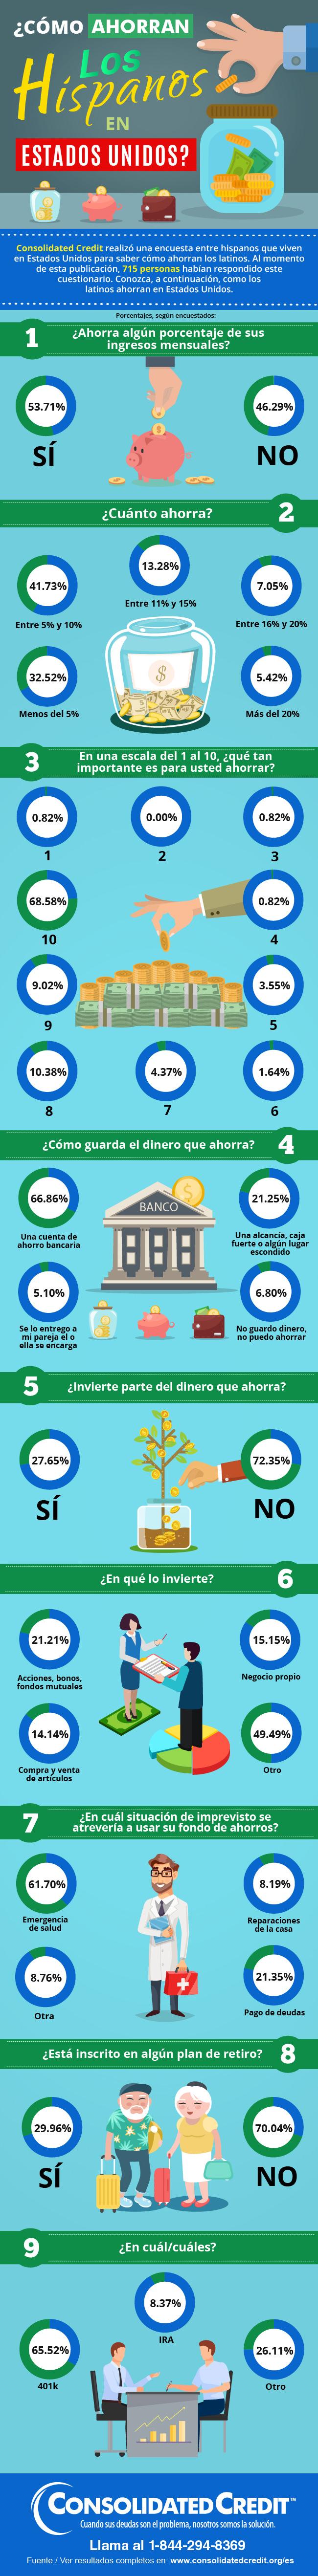 ¿Cómo ahorran los hispanos en Estados Unidos?